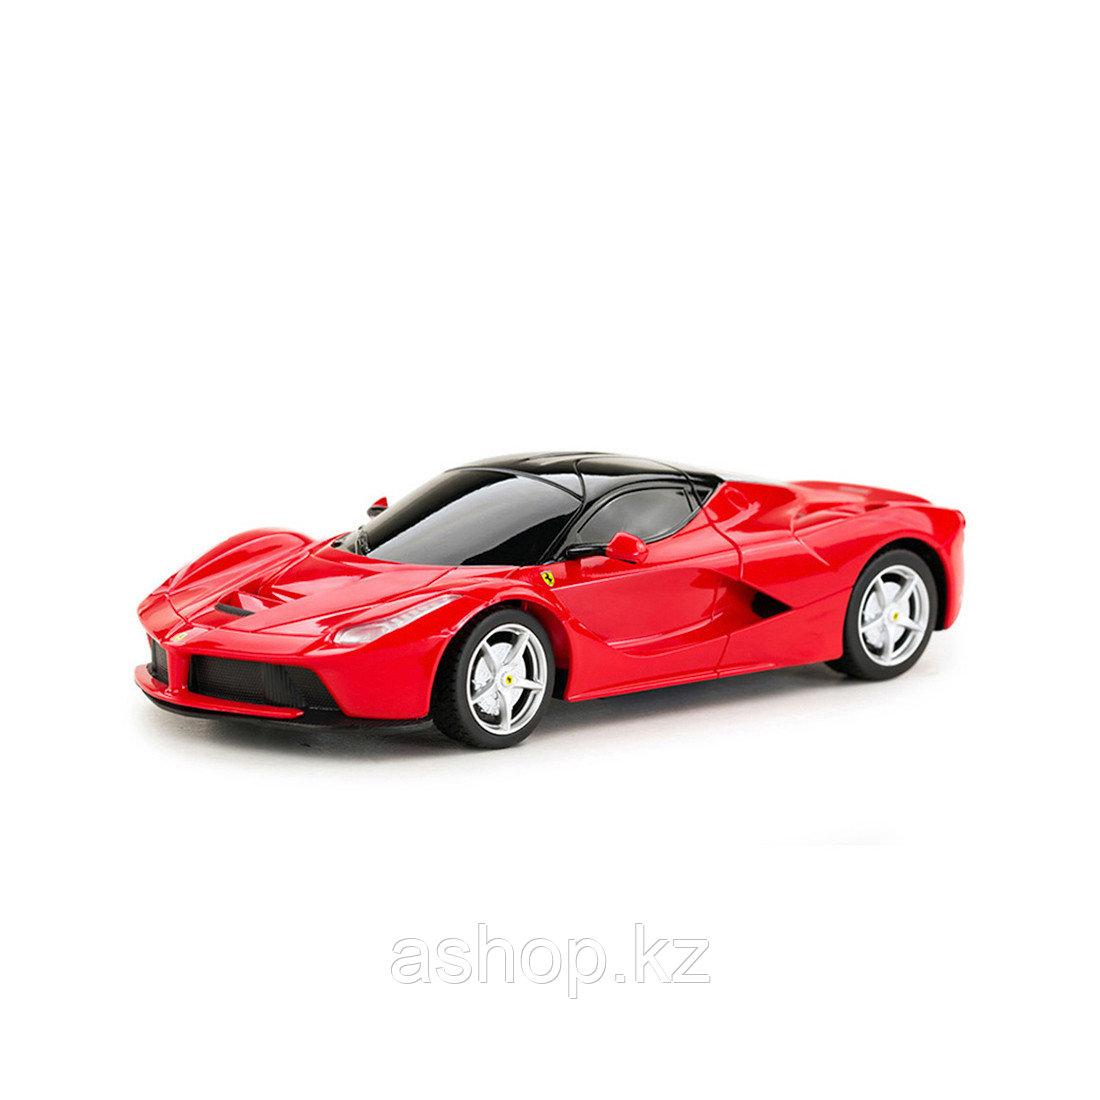 Радиоуправляемая модель автомобиль Rastar Ferrari LaFerrari, 1:24, Управление: Джойстик, Материал: Пластик, Цв